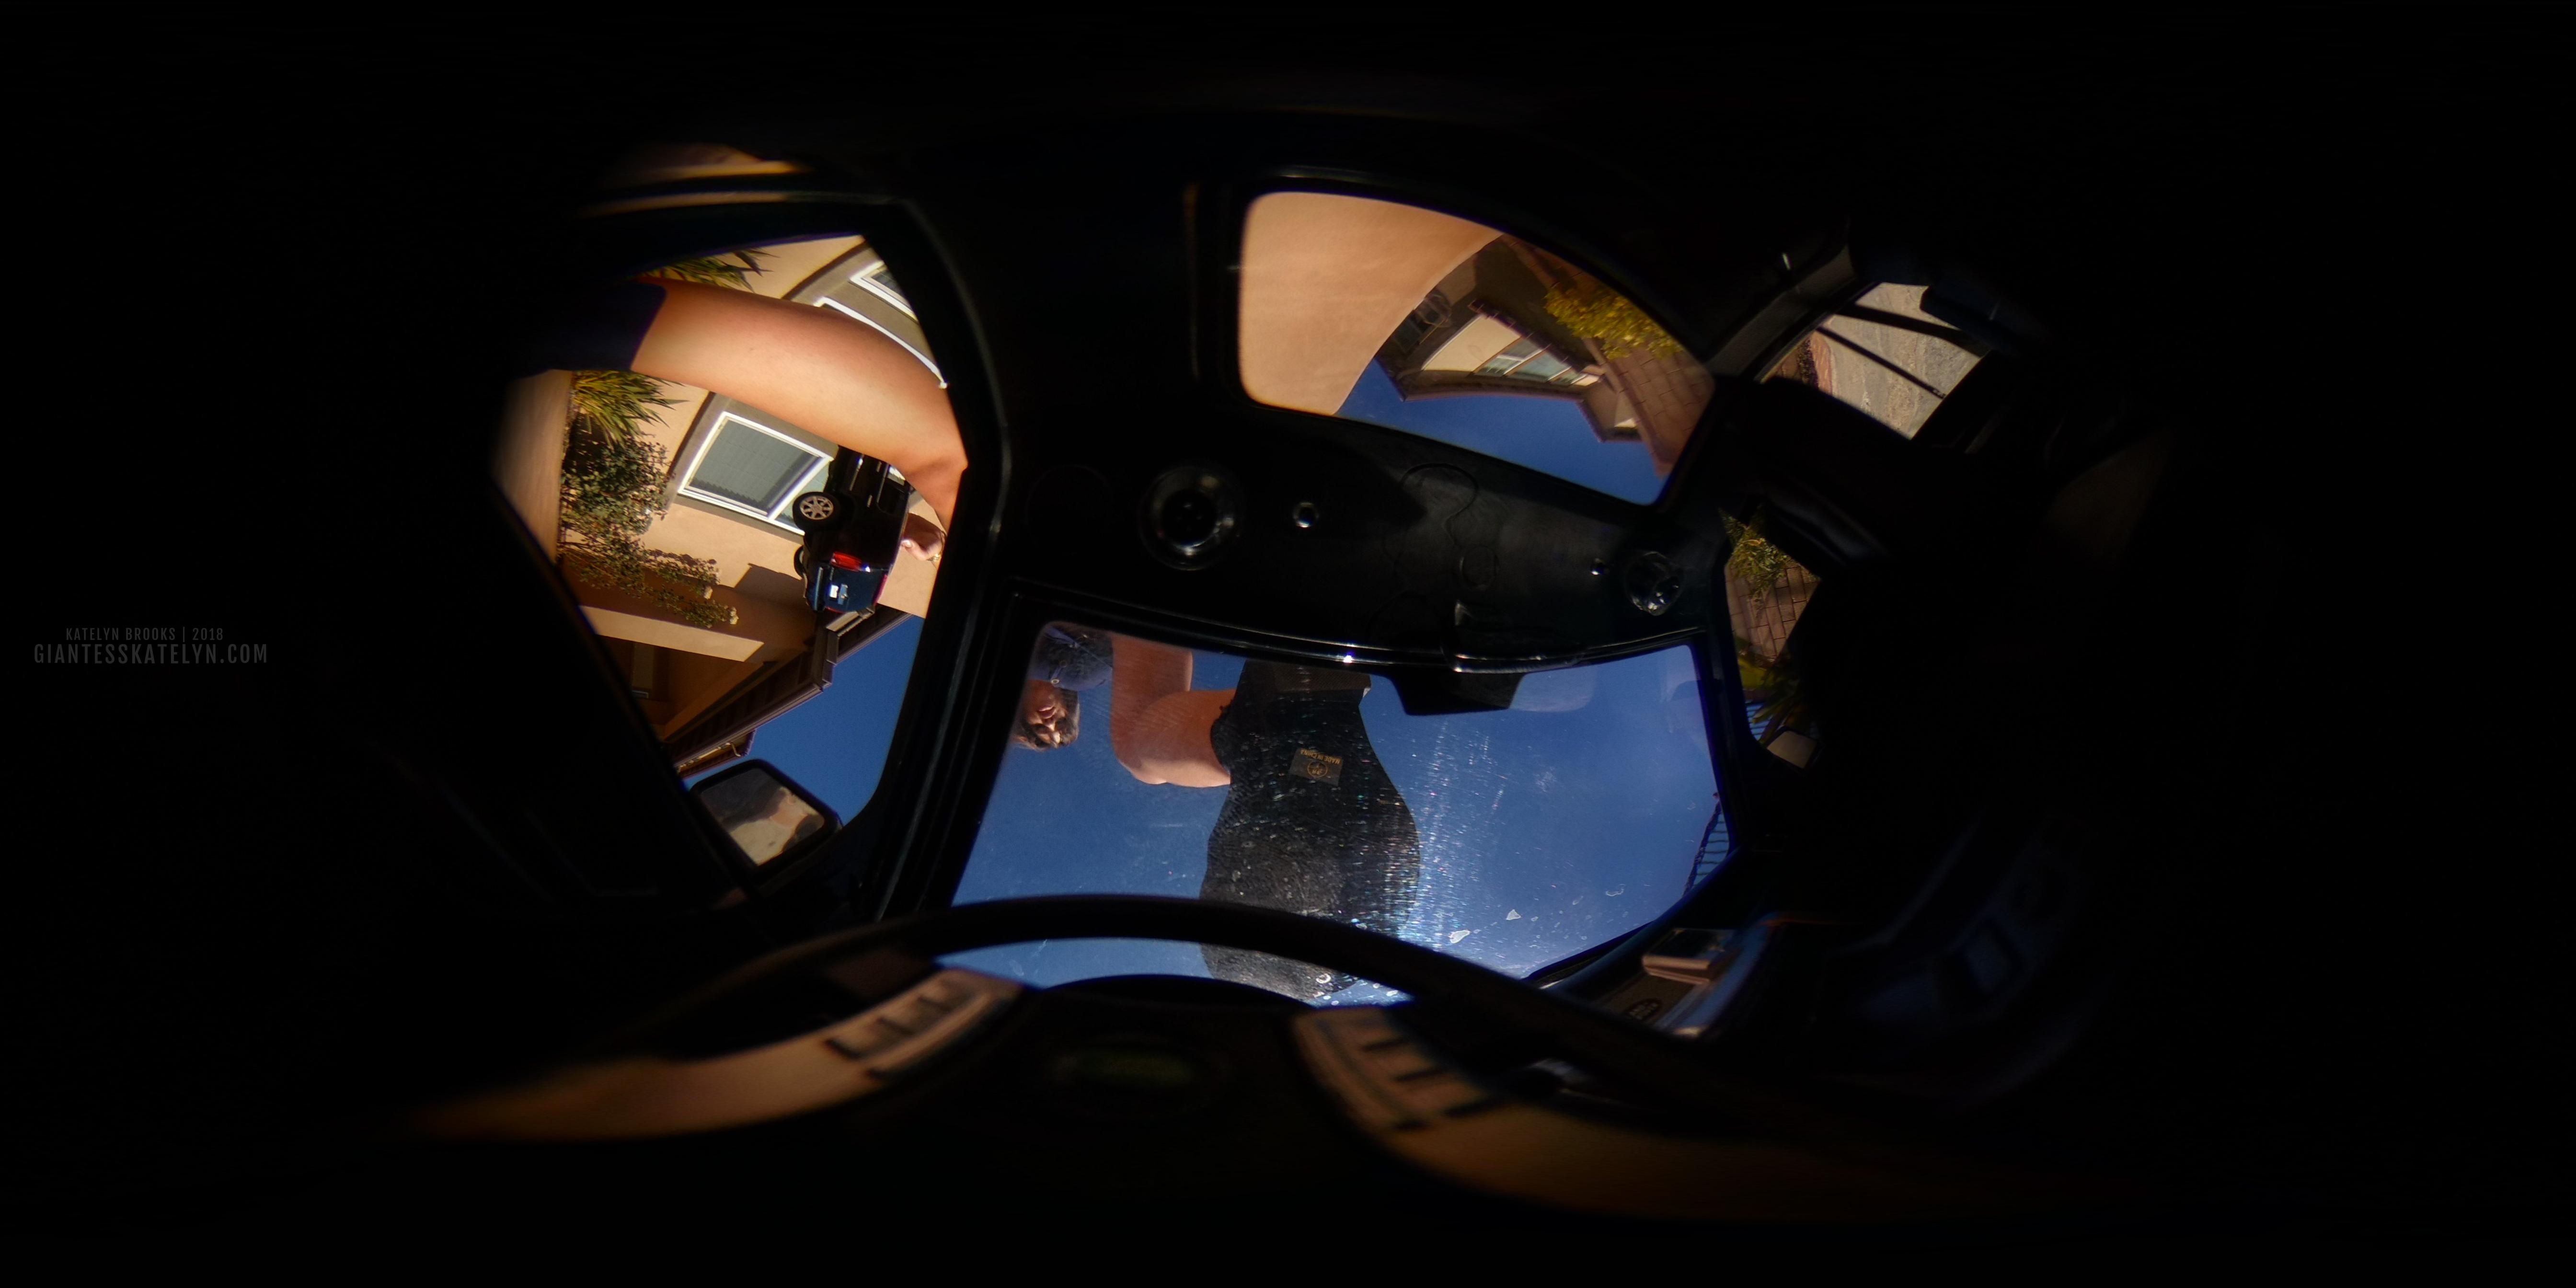 360-4k-vr-shrunken-man-pov-inside-car-07